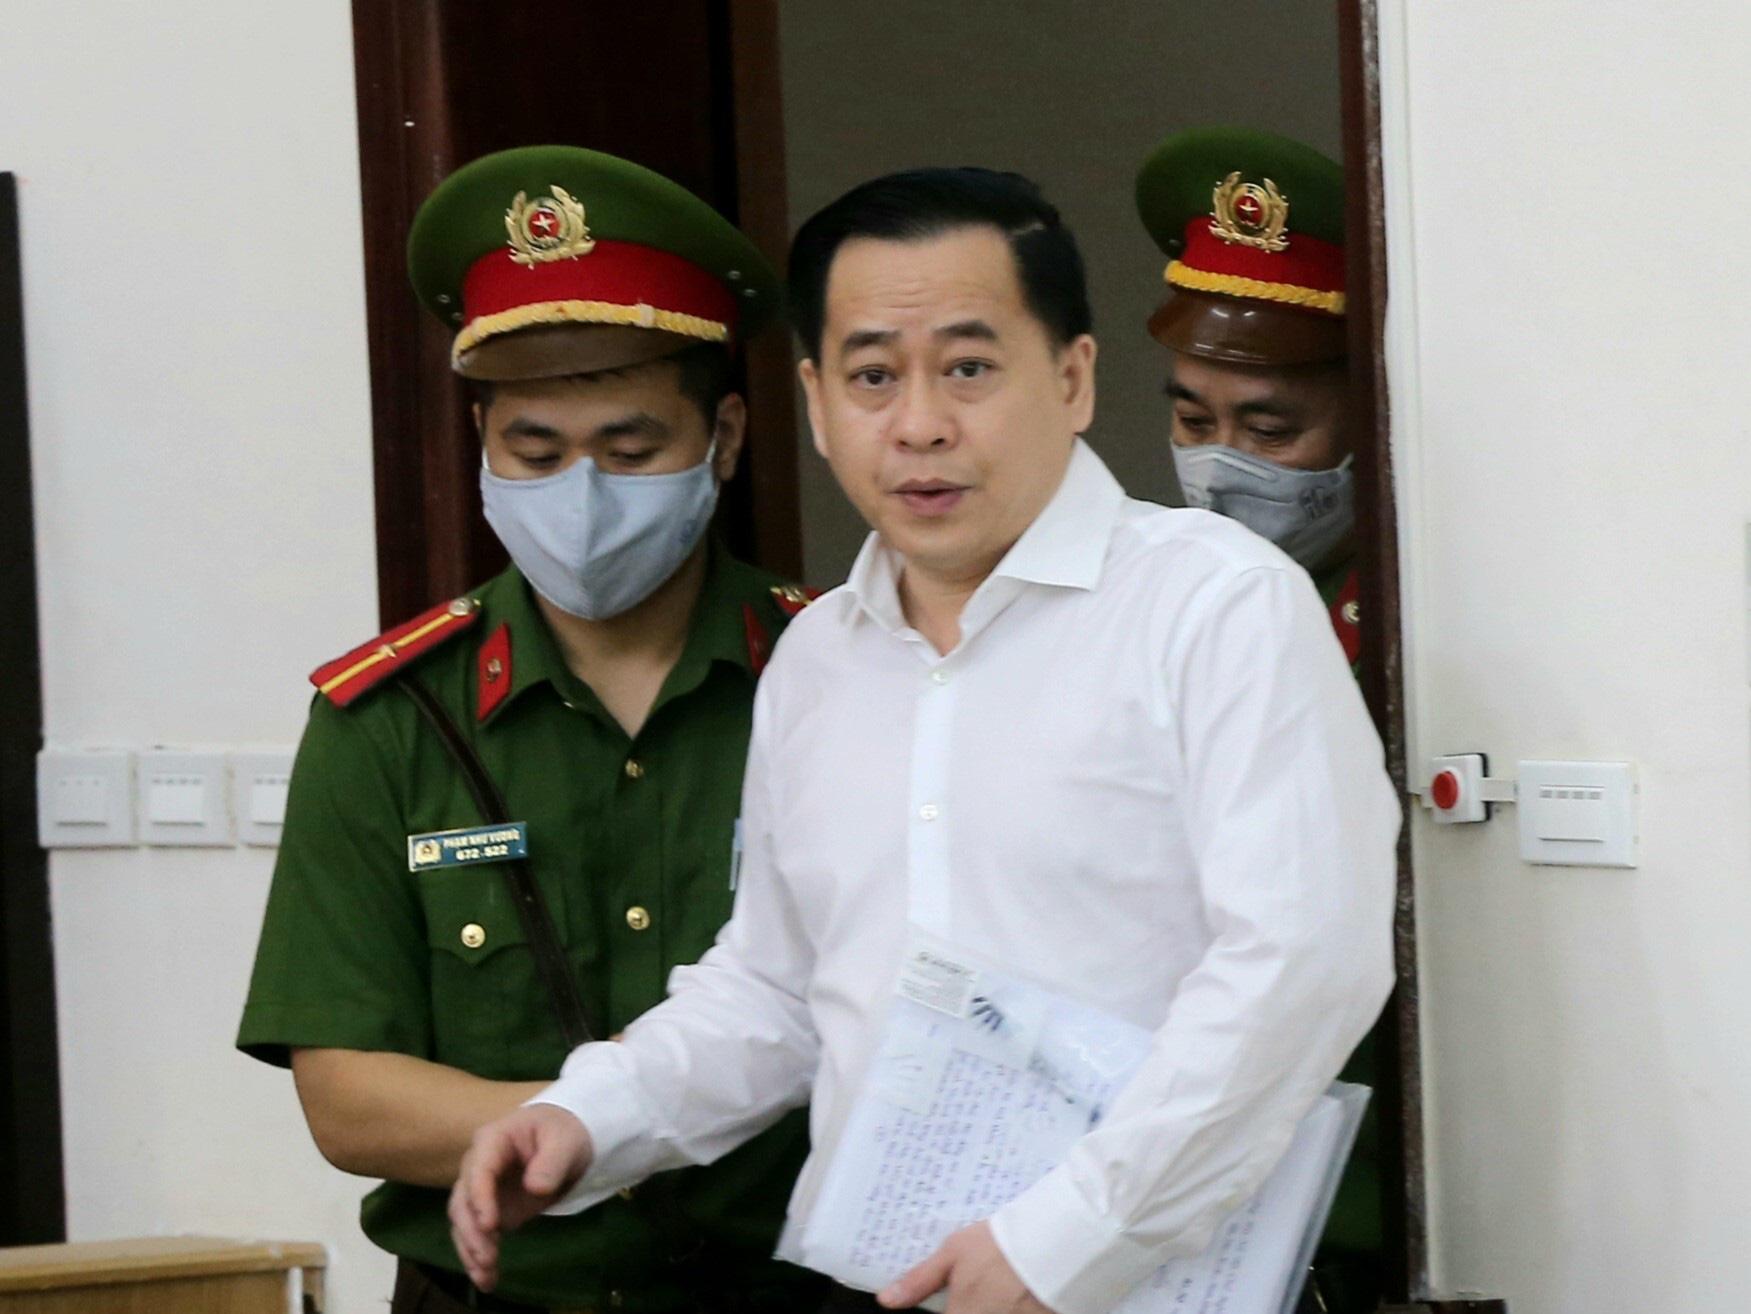 """Phan Văn Anh Vũ nói bị """"giam cầm oan ức""""? - Ảnh 1."""